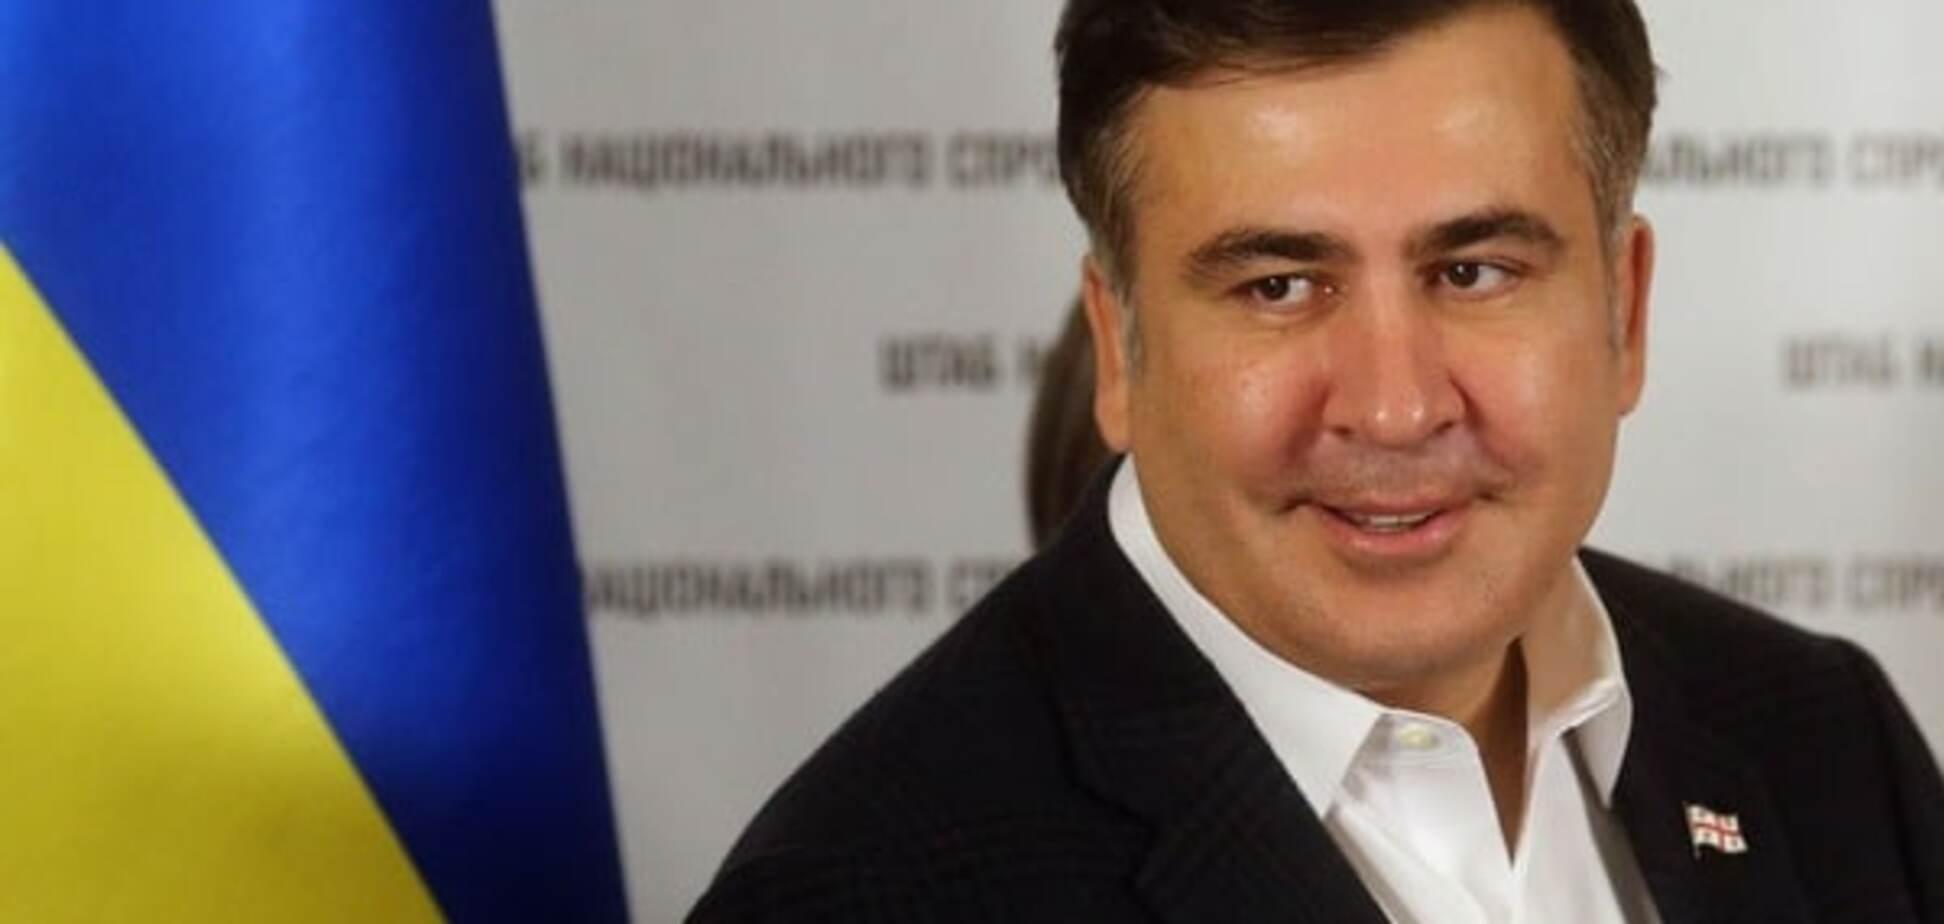 У Яценюка відповіли Саакашвілі: губернатор не повинен займатися звинуваченнями